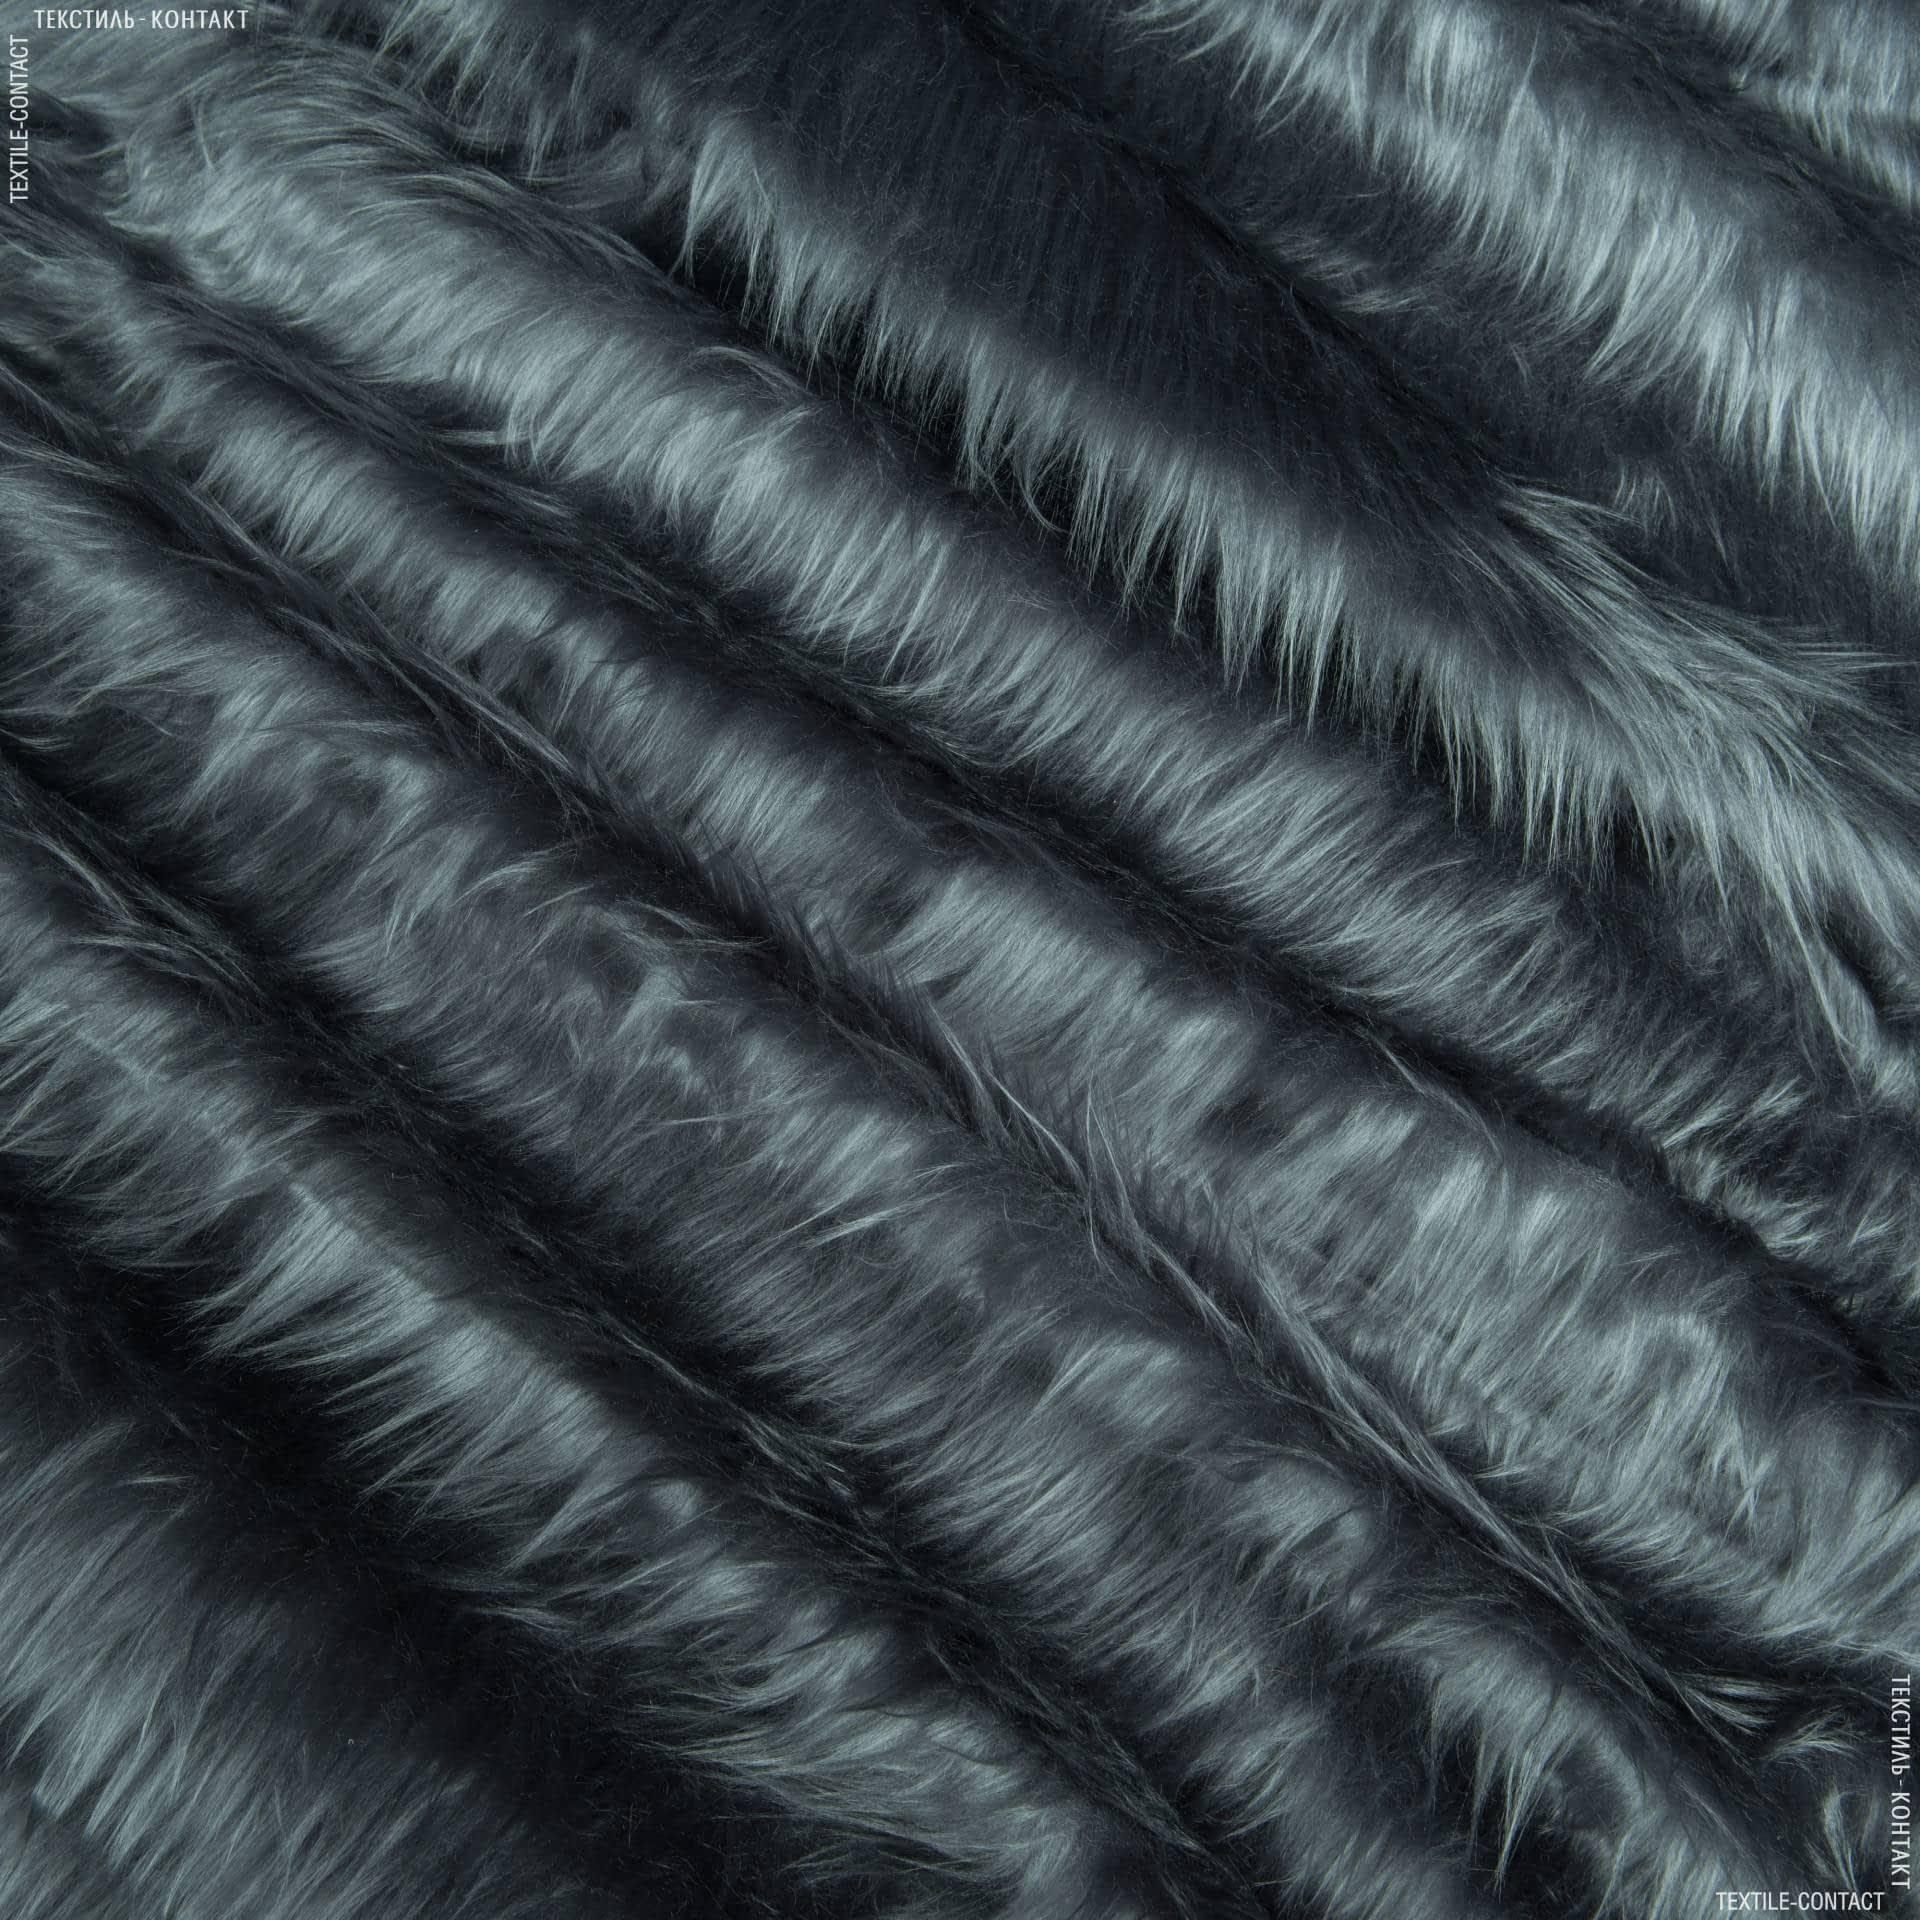 Ткани для верхней одежды - Мех длинноворсовый серый